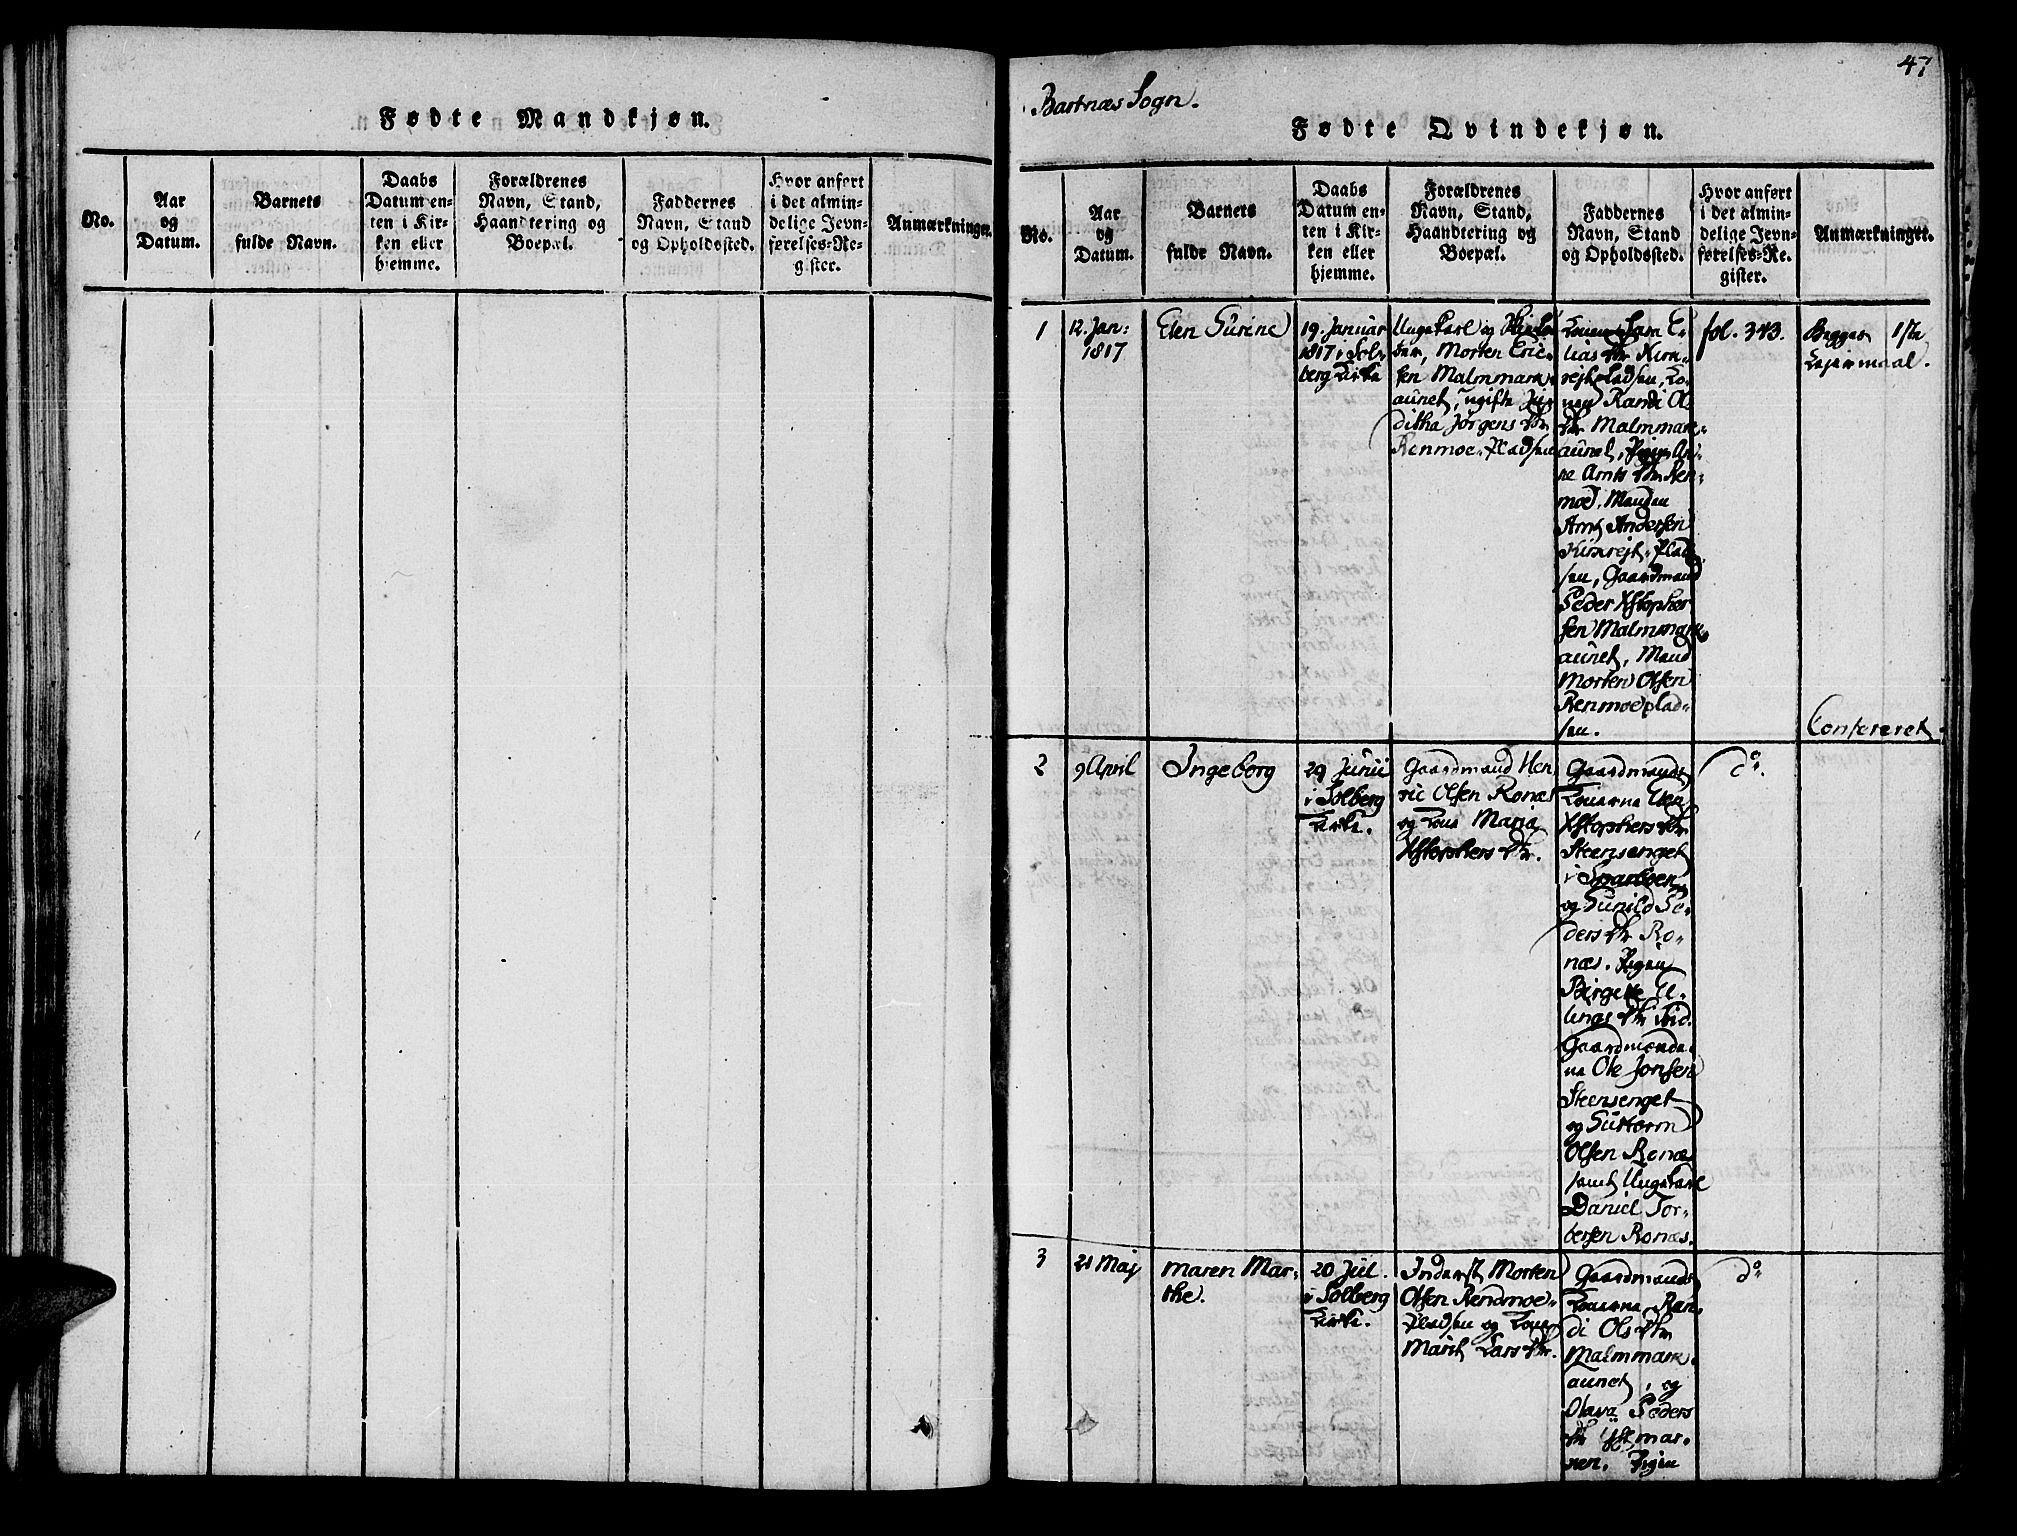 SAT, Ministerialprotokoller, klokkerbøker og fødselsregistre - Nord-Trøndelag, 741/L0387: Ministerialbok nr. 741A03 /2, 1817-1822, s. 47